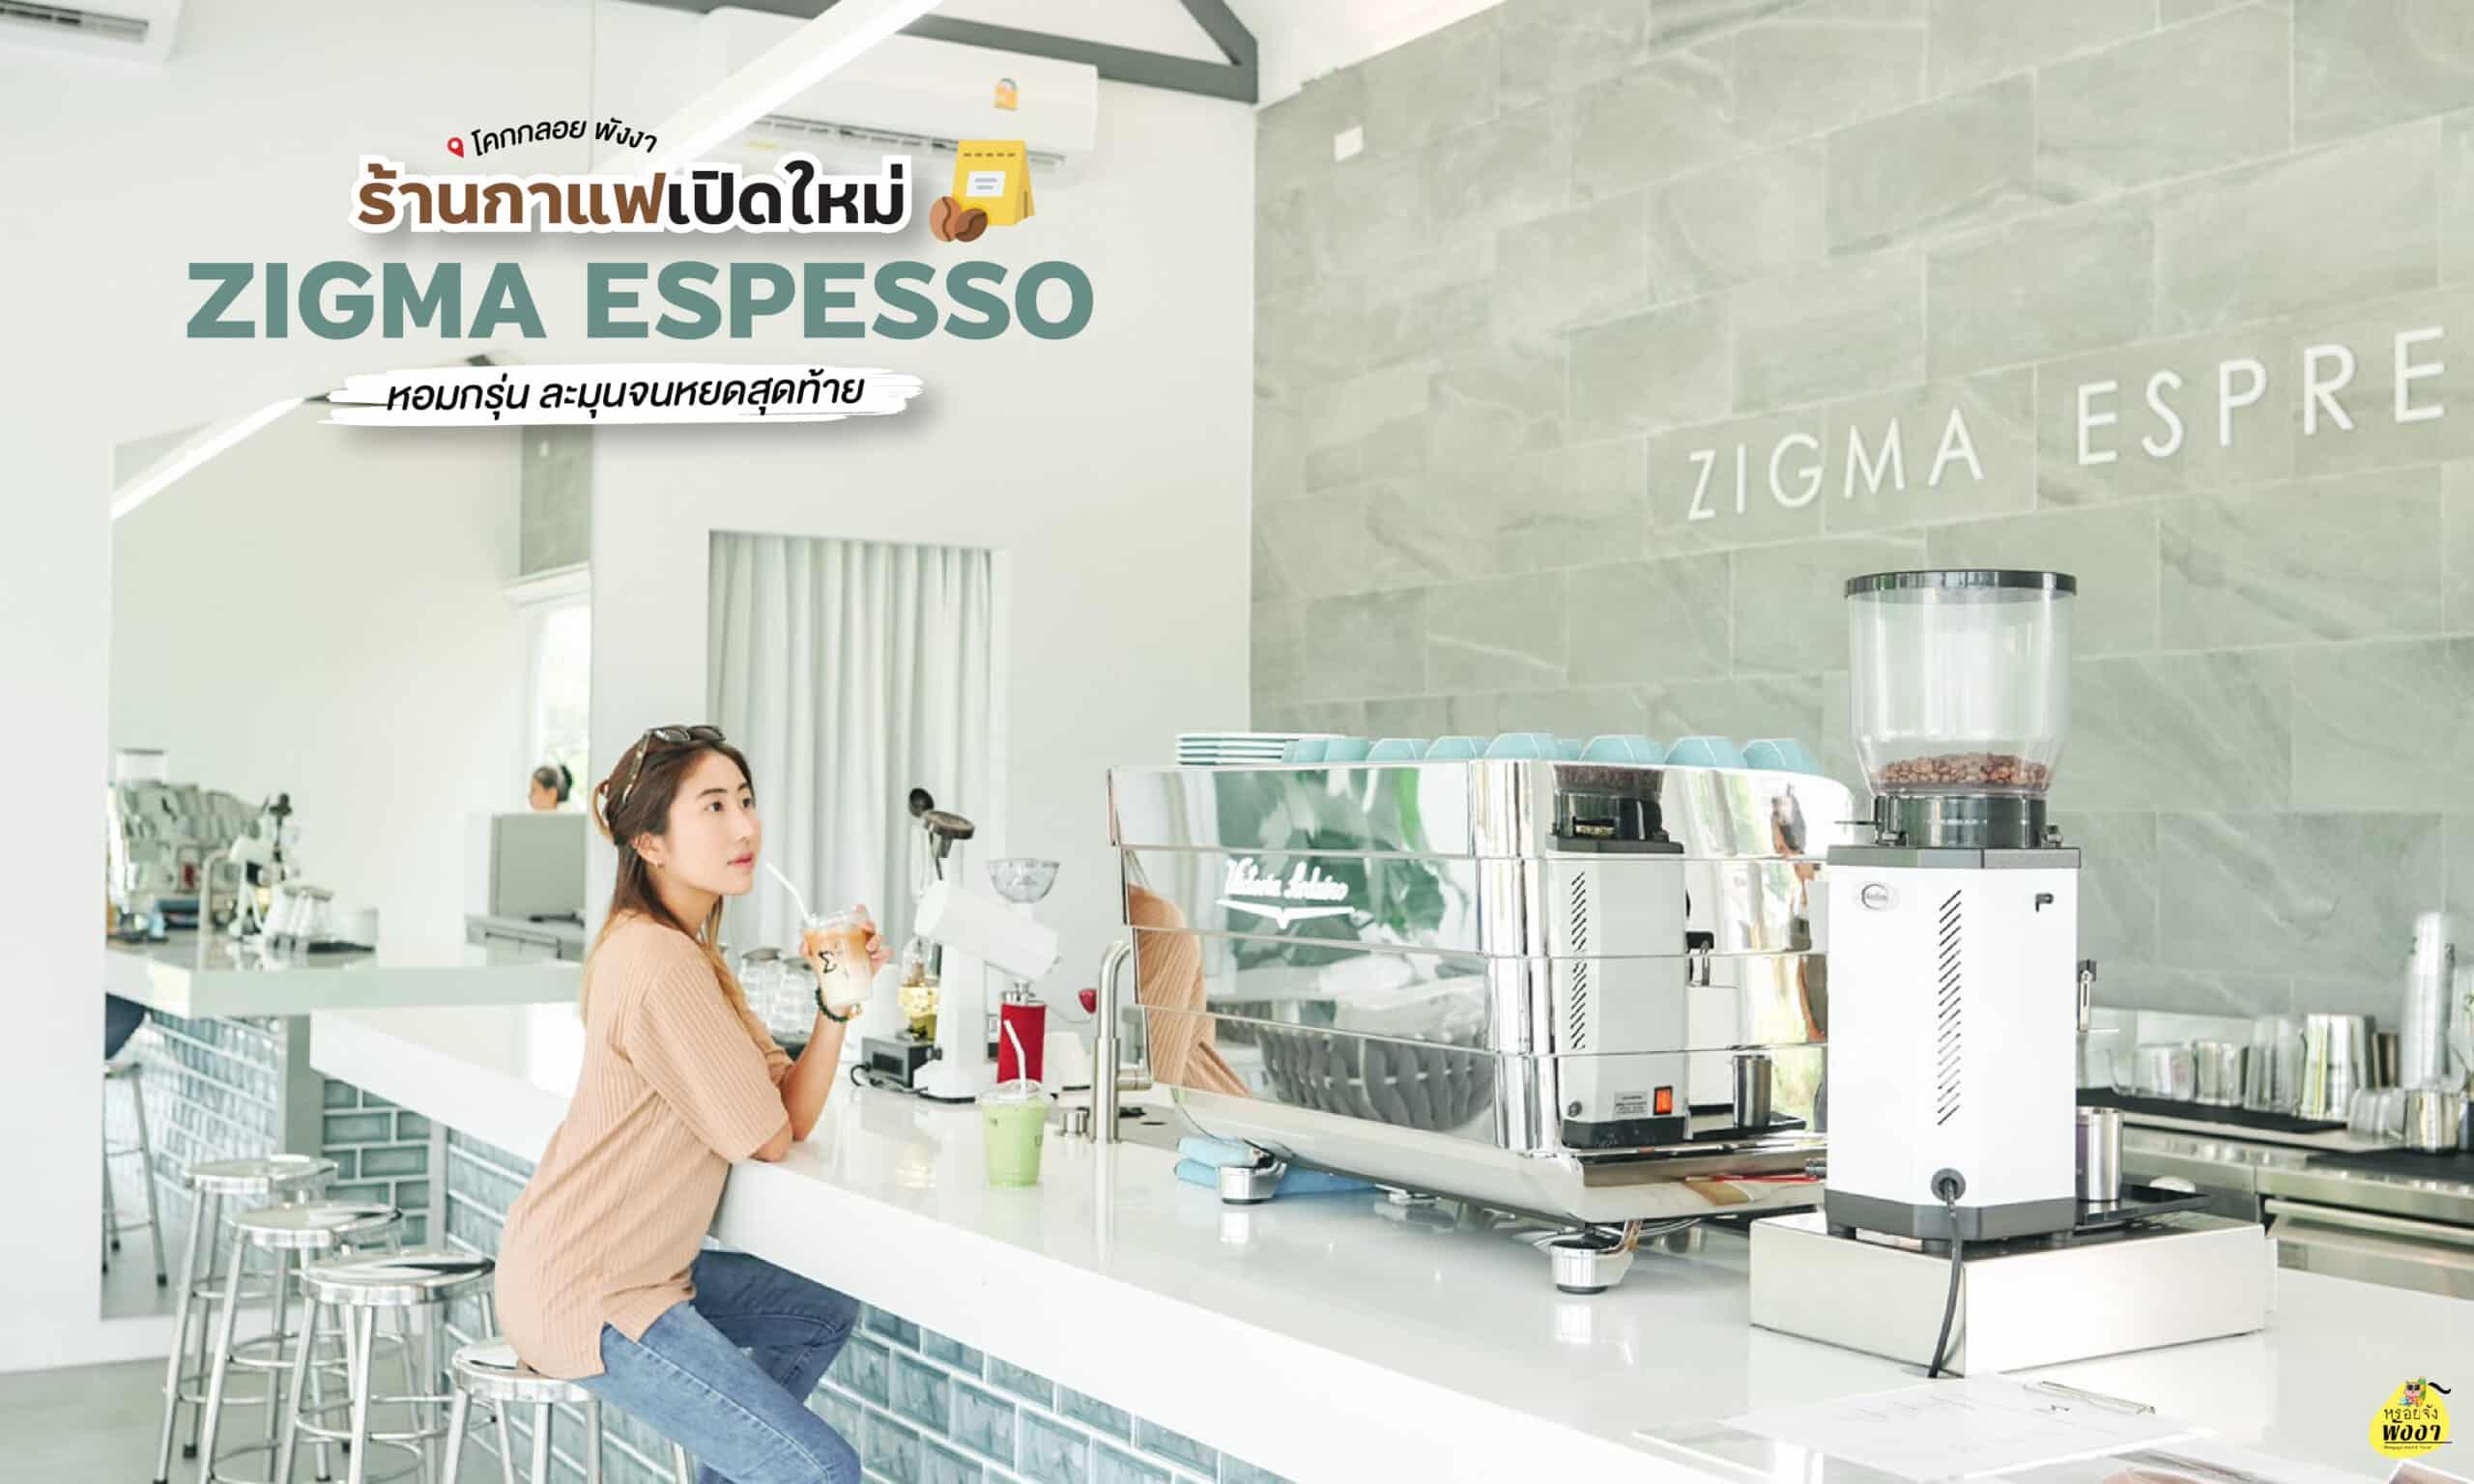 zigma espresso